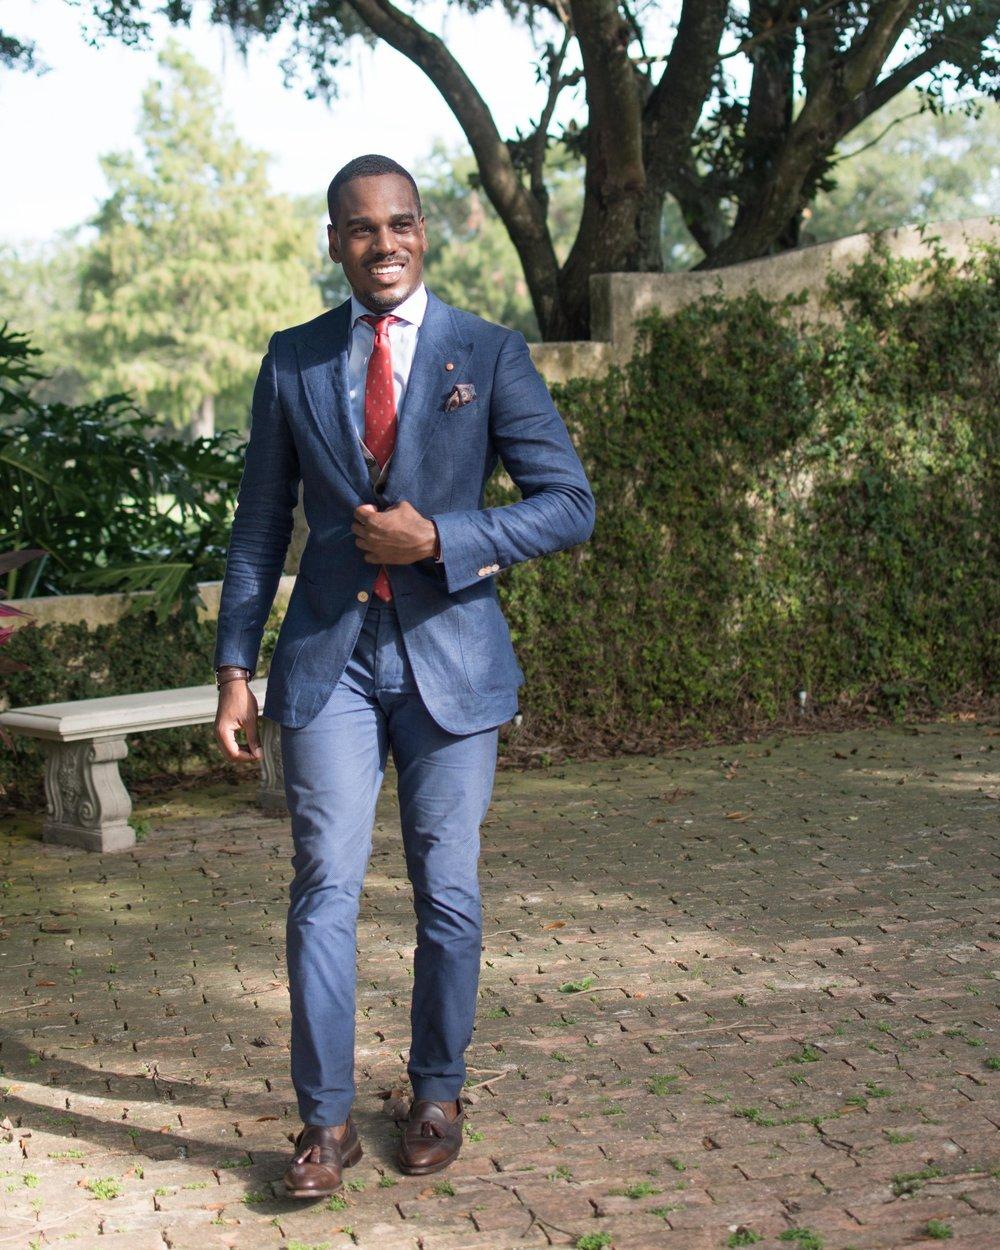 gregsstyleguide greg mcgregorson summer suit -23.jpg